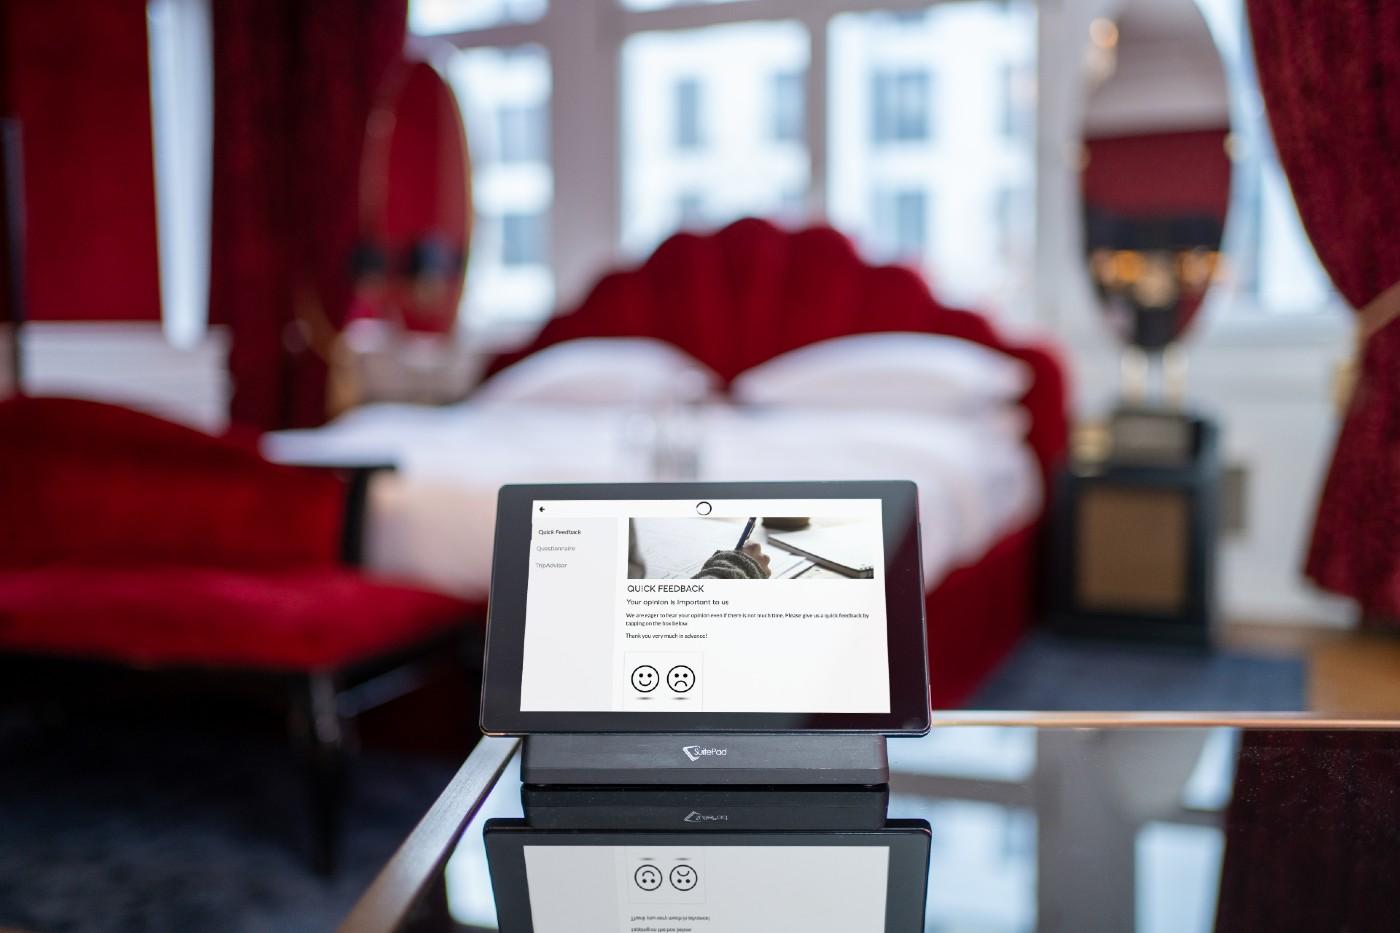 SuitePad_Provocateur_Room 4_Demo Hotel_Quick Feedback EN (1)-1